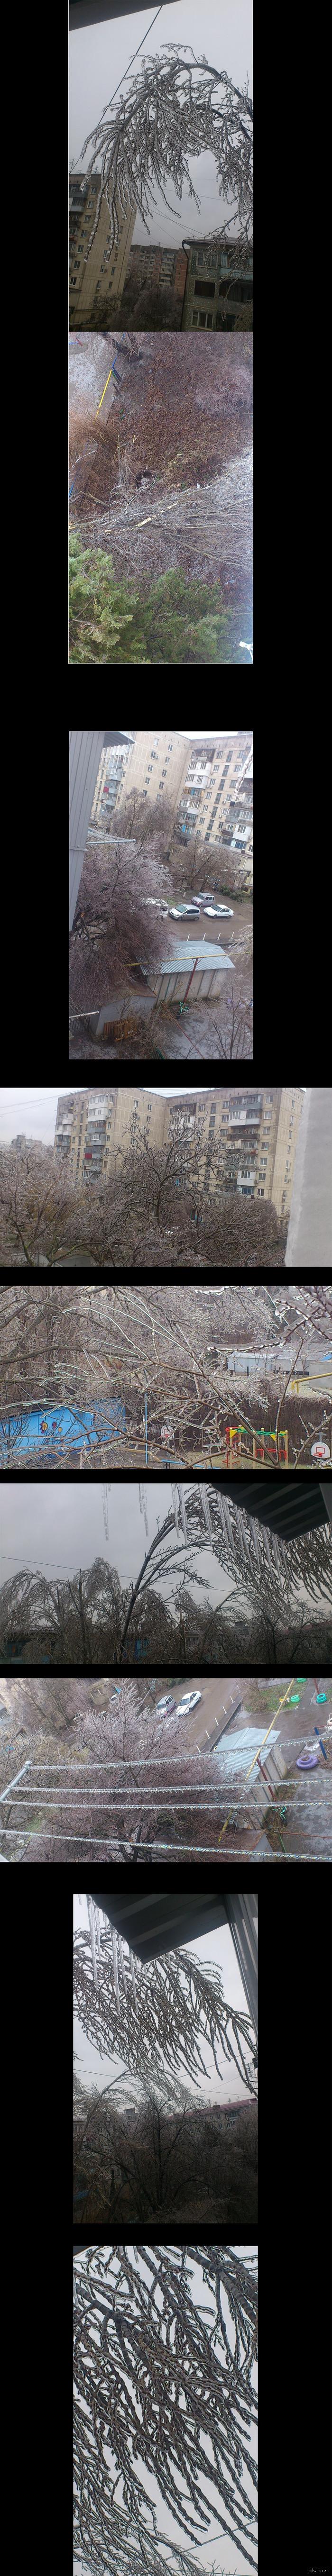 Типичная, теплая Краснодарская зима. Вчера прошел легкий дождик в Краснодаре. Сейчас +1 +2 на улице. По городу все разбито, деревья перевалены, магазины, машины, трубы разбиты деревьями.